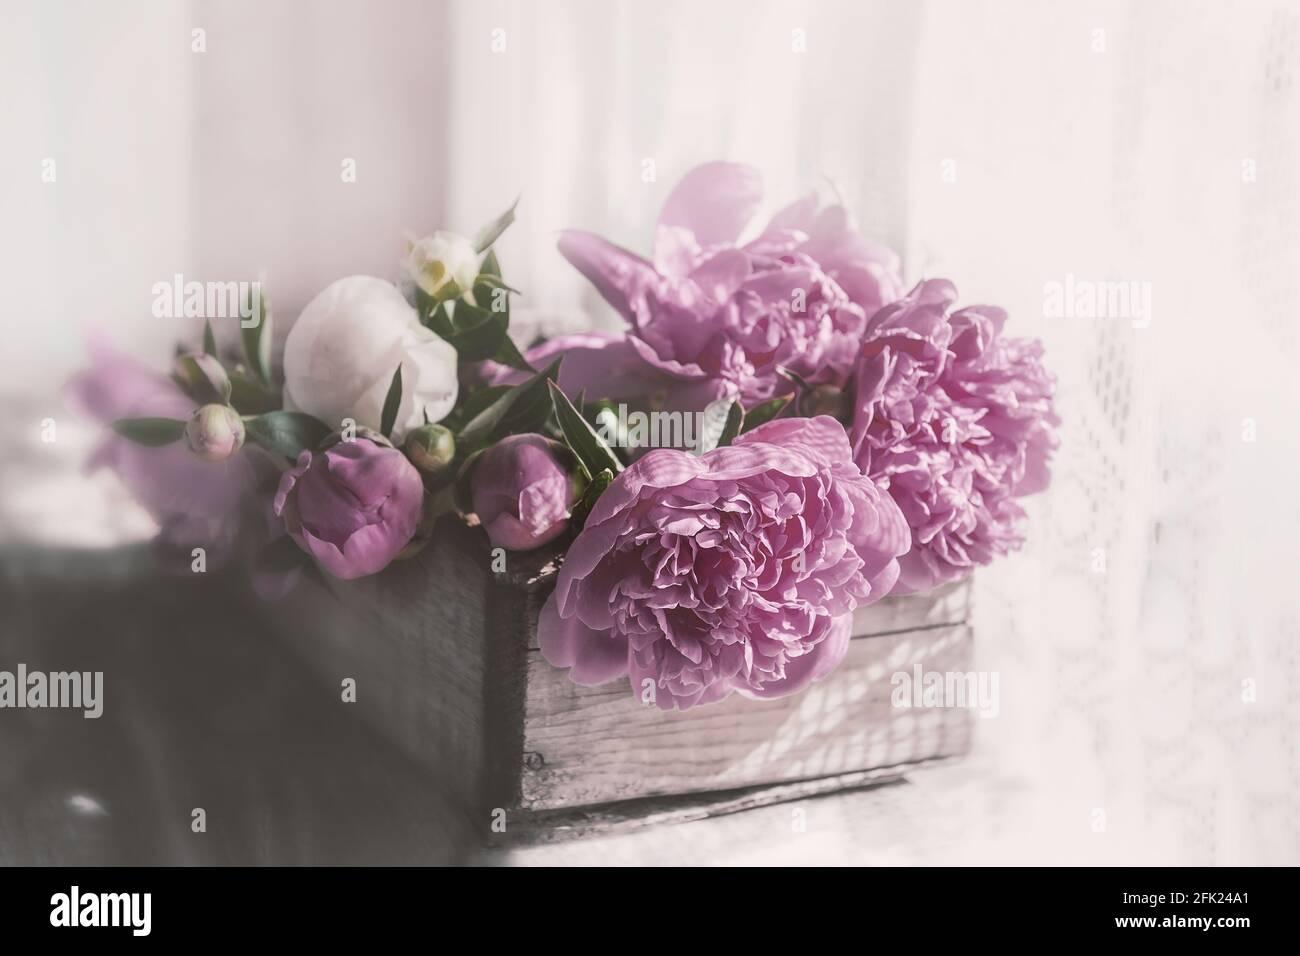 Romantique pivoines roses vintage dans une ancienne boîte en bois texturé. Espace de copie. Banque D'Images